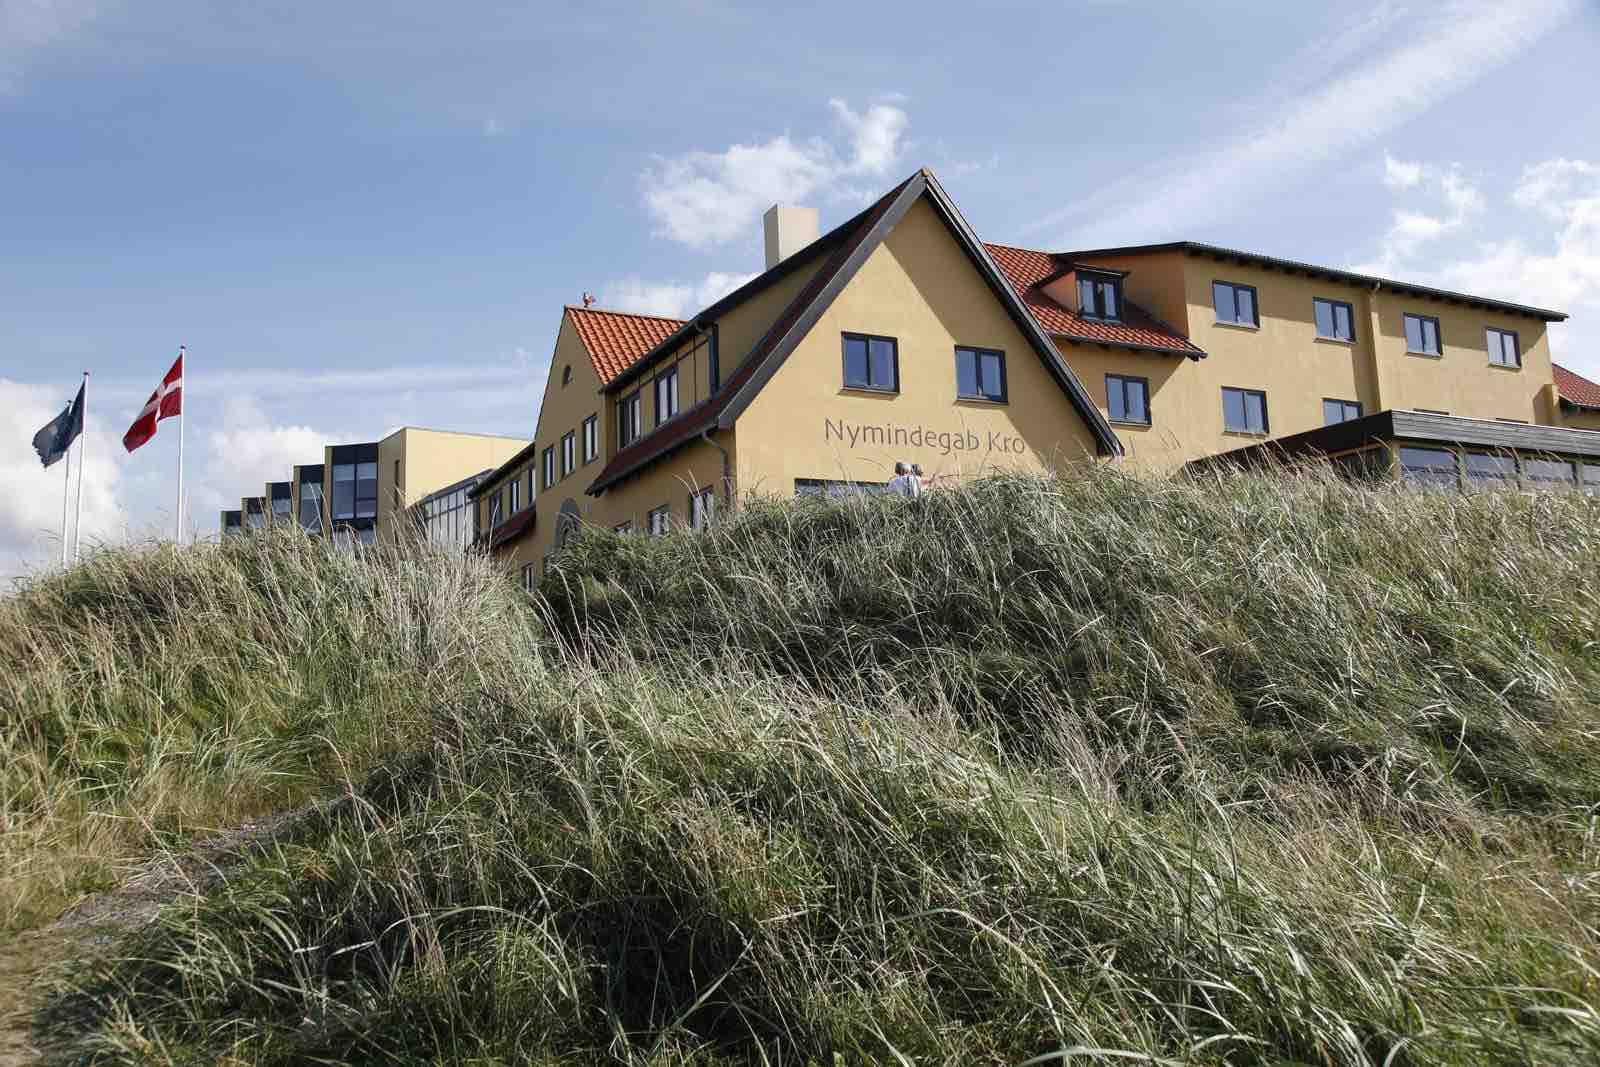 ferie ved Danmarks bedste strande